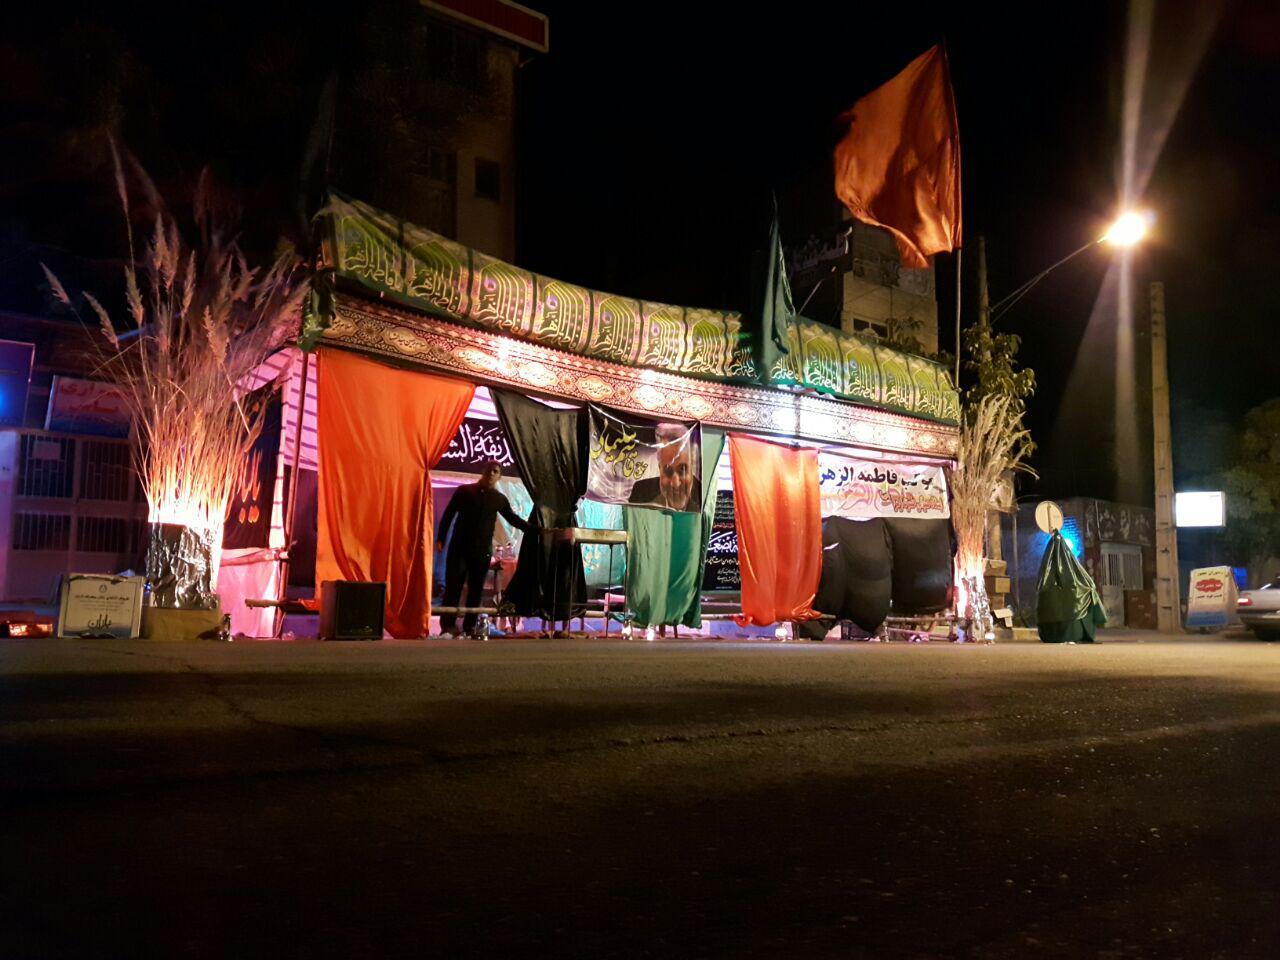 مراسم عزاداری شام غریبان امام حسین(ع) در رابر/ تصاویر